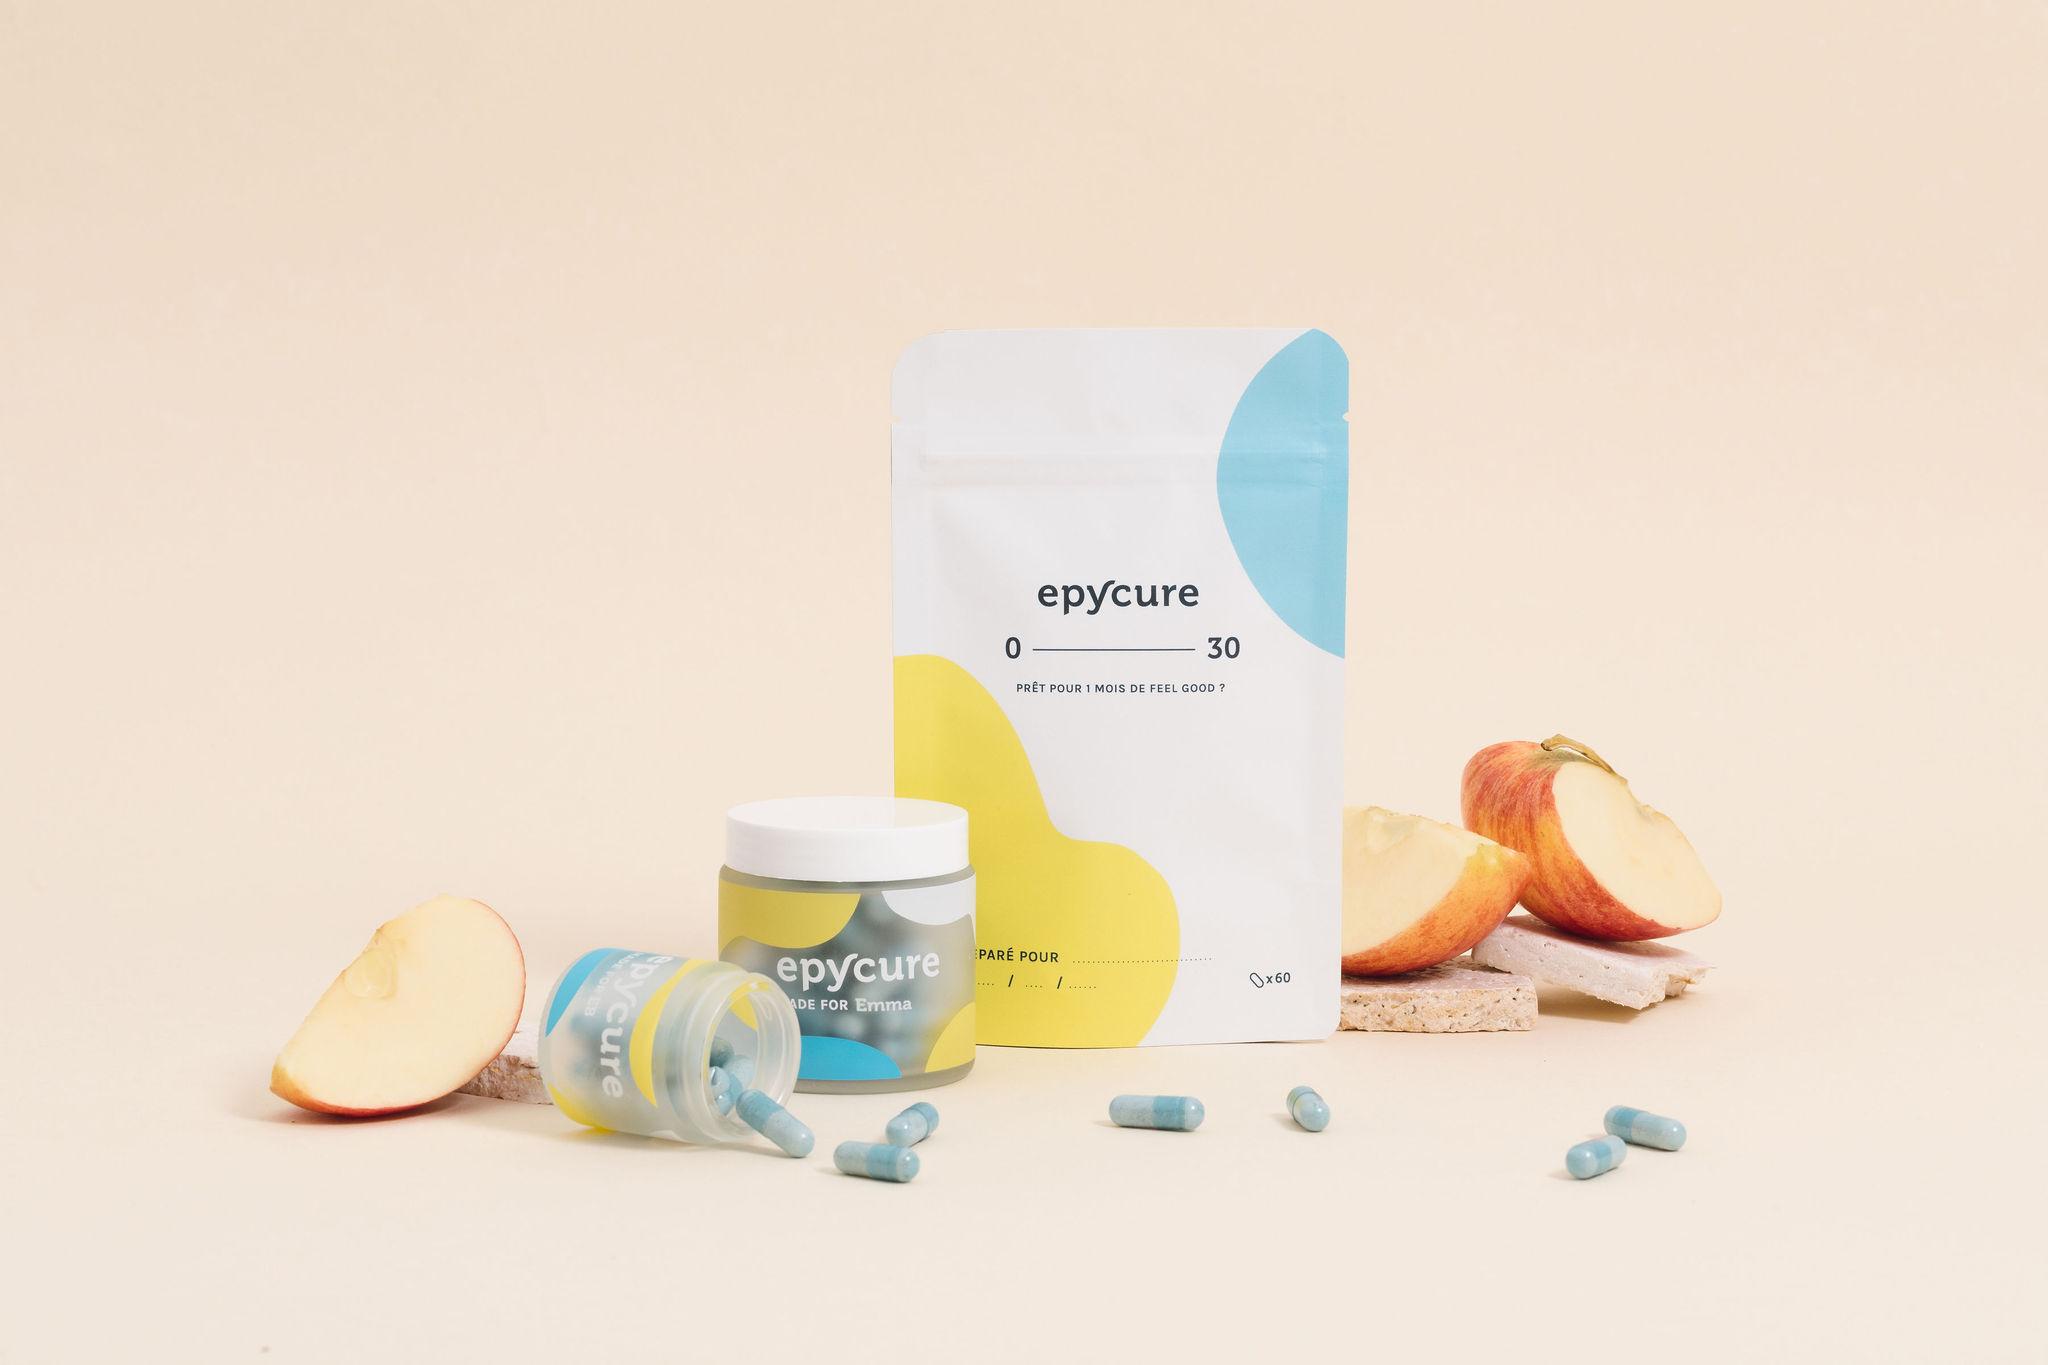 Les compléments alimentaires et sa recharge Epycure